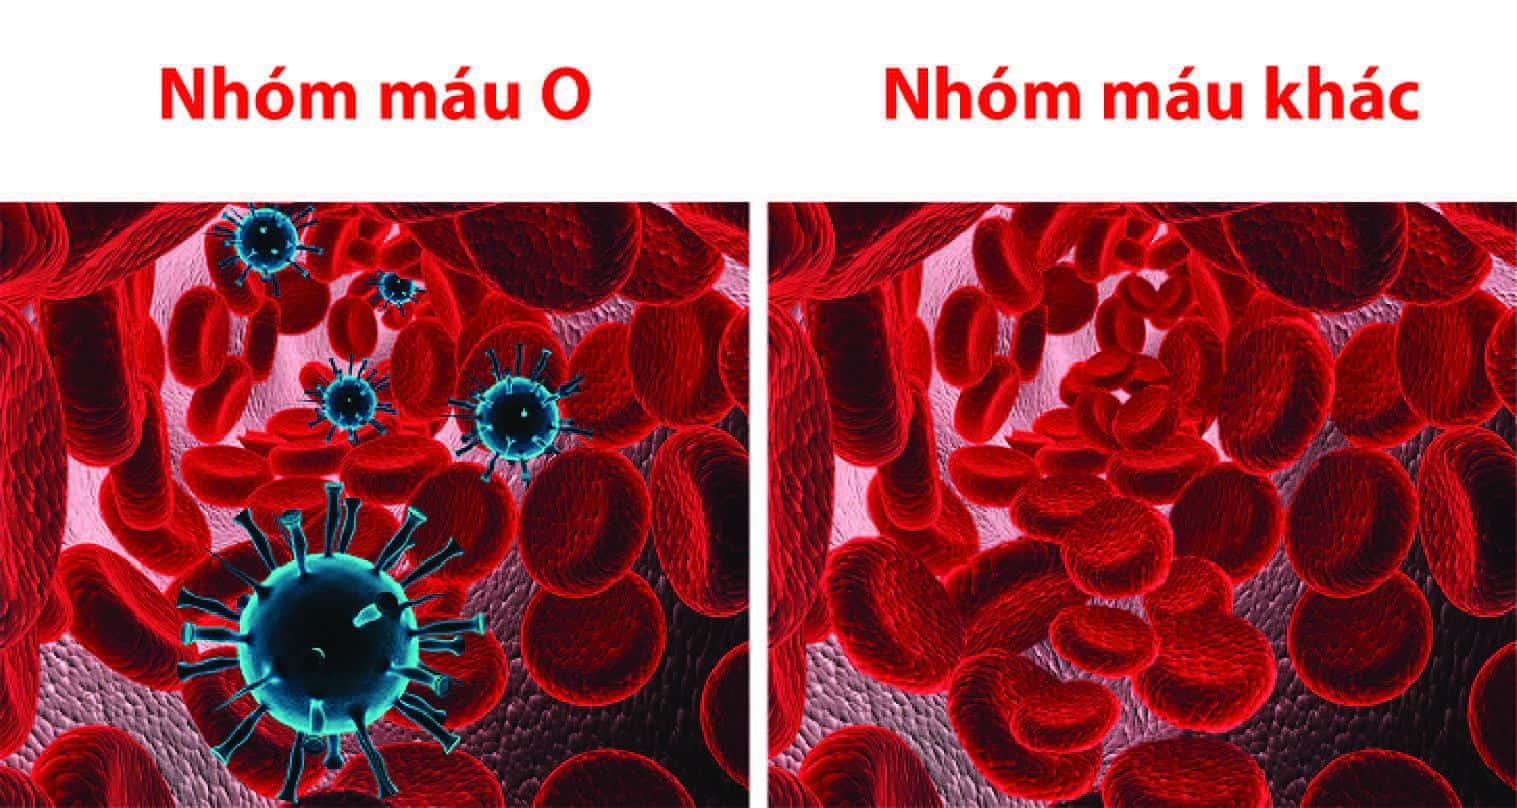 8 sự thật thú vị về nhóm máu O không phải ai cũng biết-2